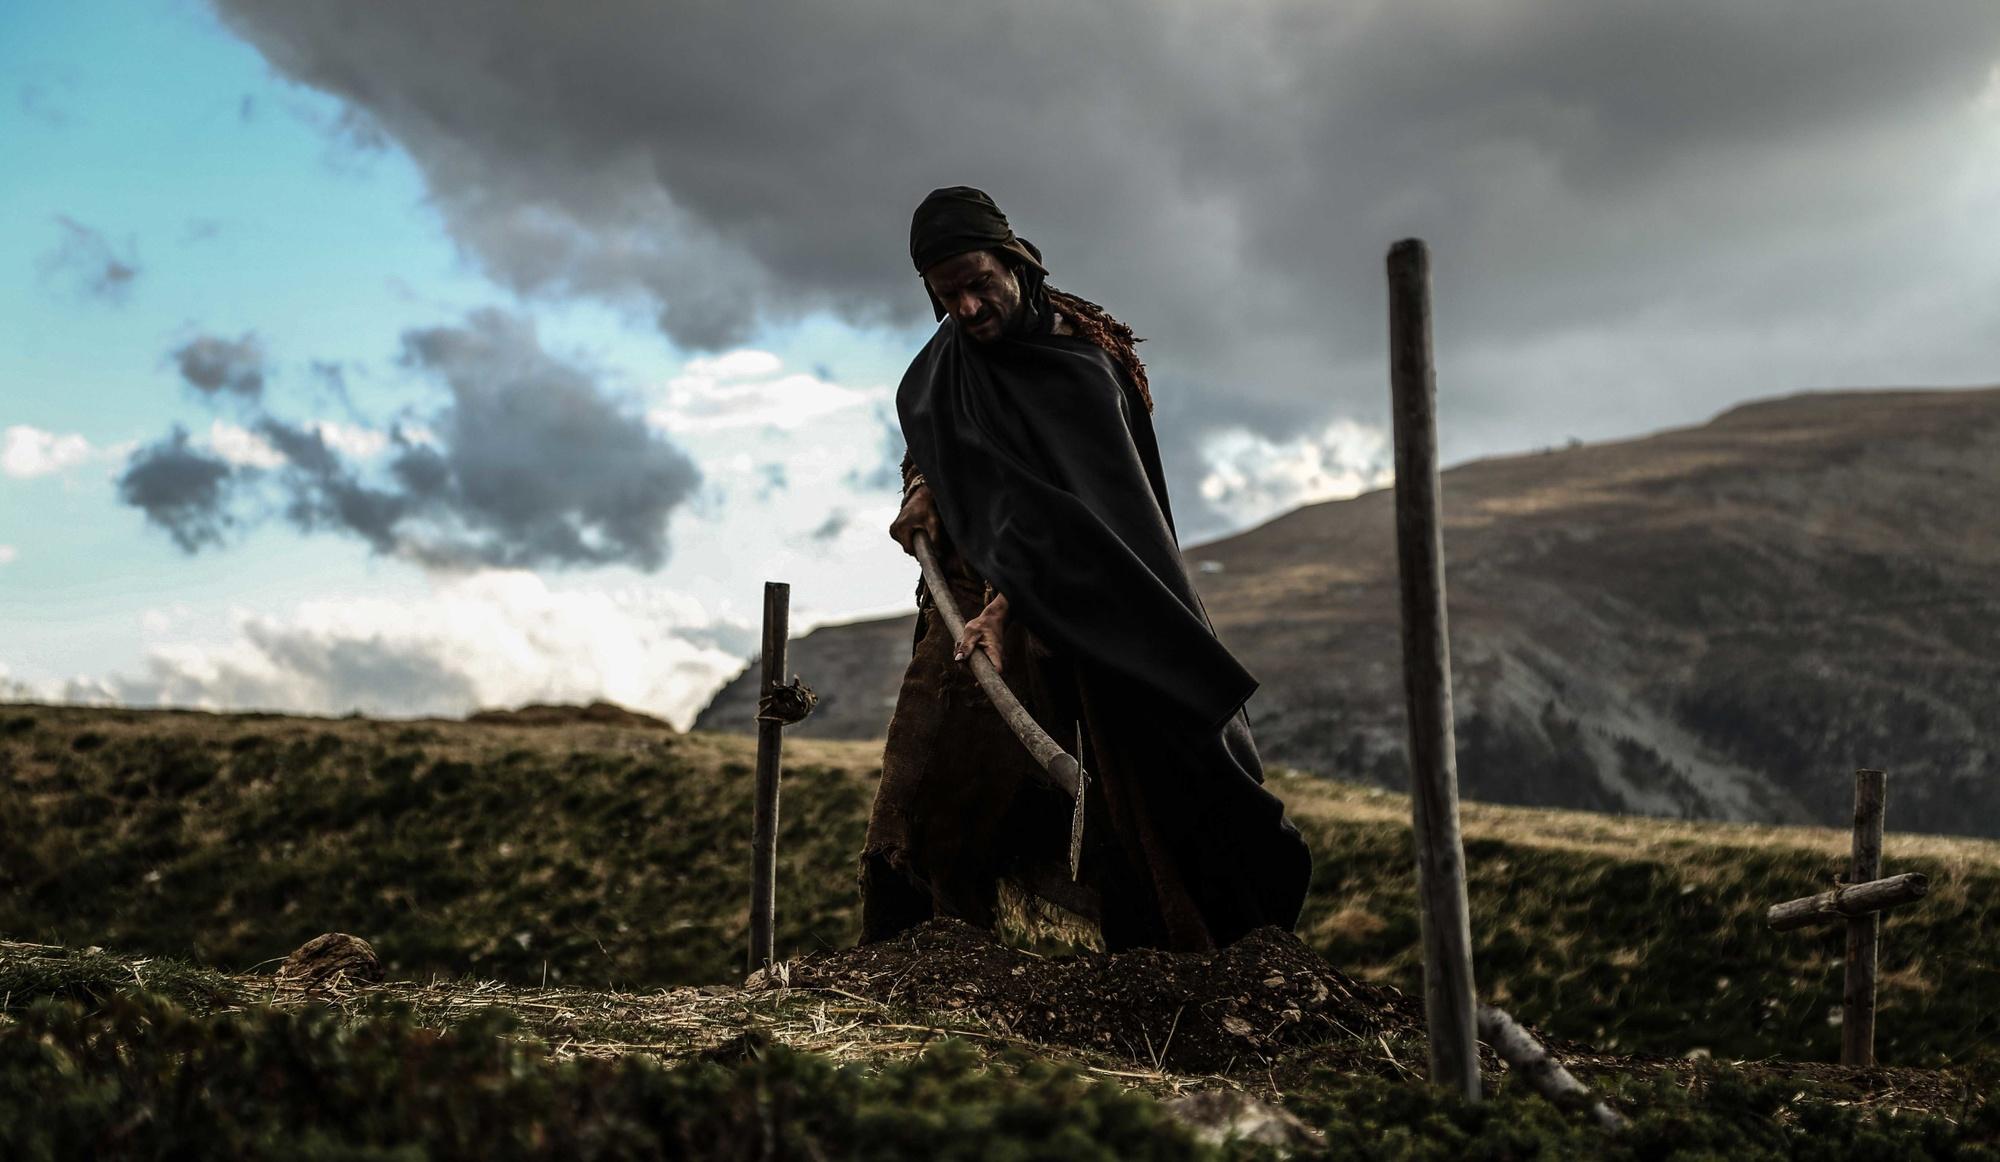 بعد از تلاشهای نافرجام آگوستینو برای به دست آوردن کار و روزی در دهکده و دستگیری نینا و جیووانی از طرف کلیسا که به گریز جیووانی و استنطاق نینا در دستگاه تفتیش عقاید مسیحیت منجر میشود، یک سوم انتهائی فیلم کوه در سکانسهای نفس گیر و یکنواخت کندن کوه به عبث میگذرد.